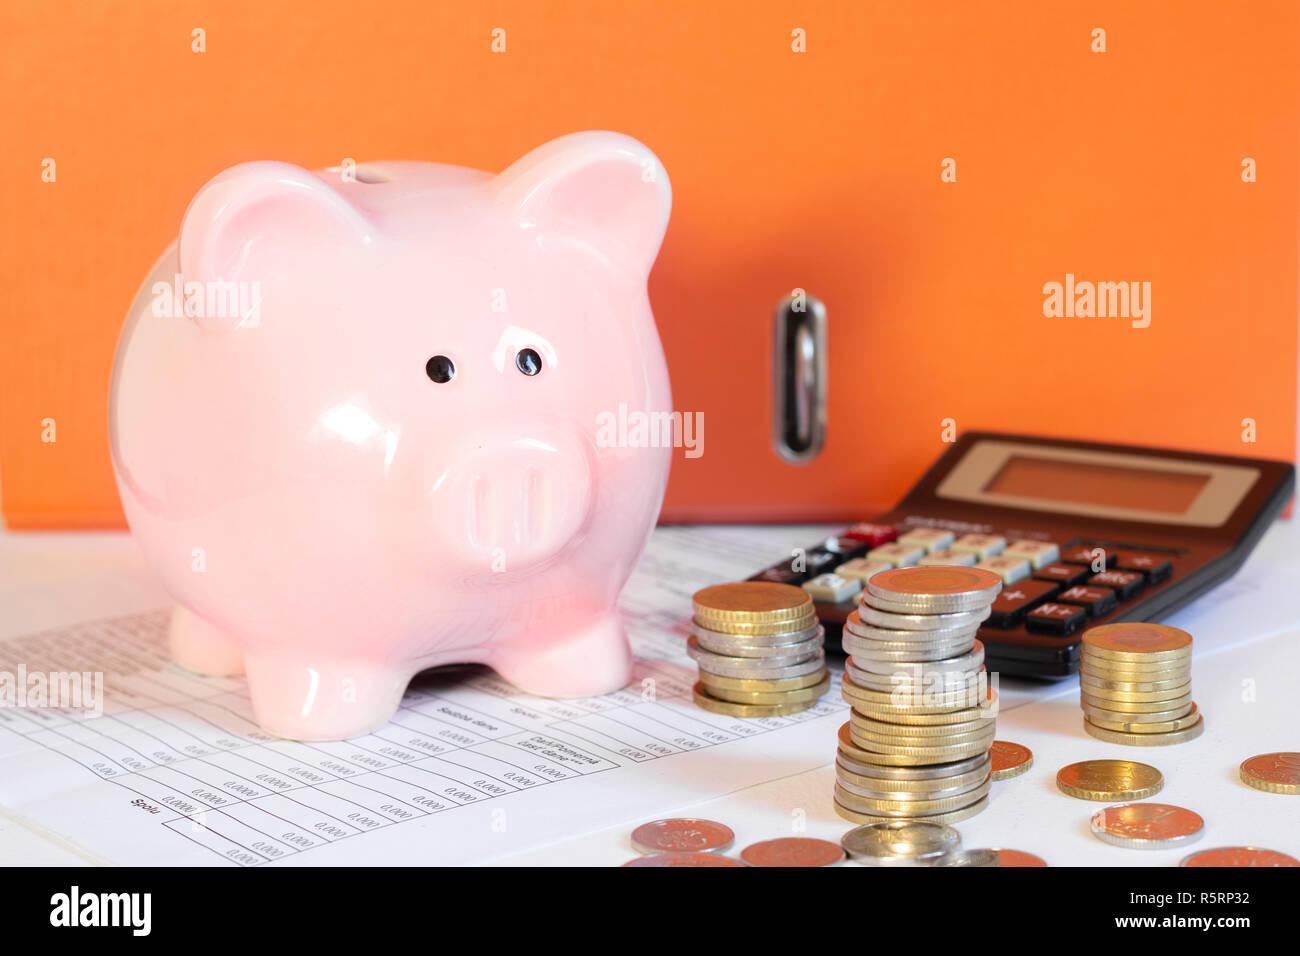 Persönliche Finanzen und Einsparungen Konzept Stockfoto